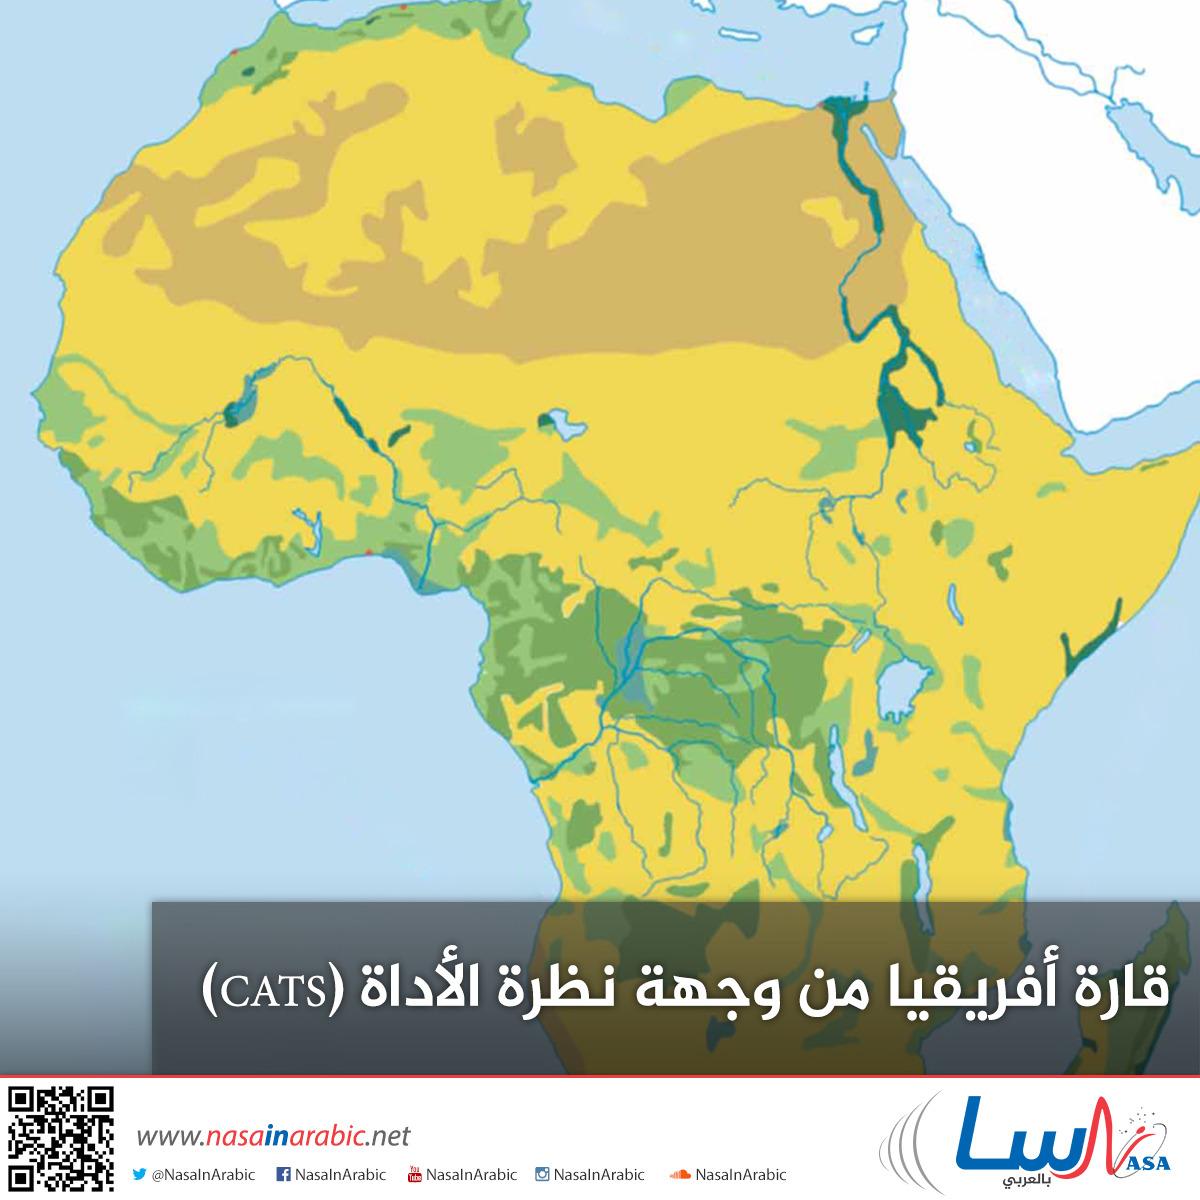 قارة أفريقيا من وجهة نظرة الأداة (CATS)